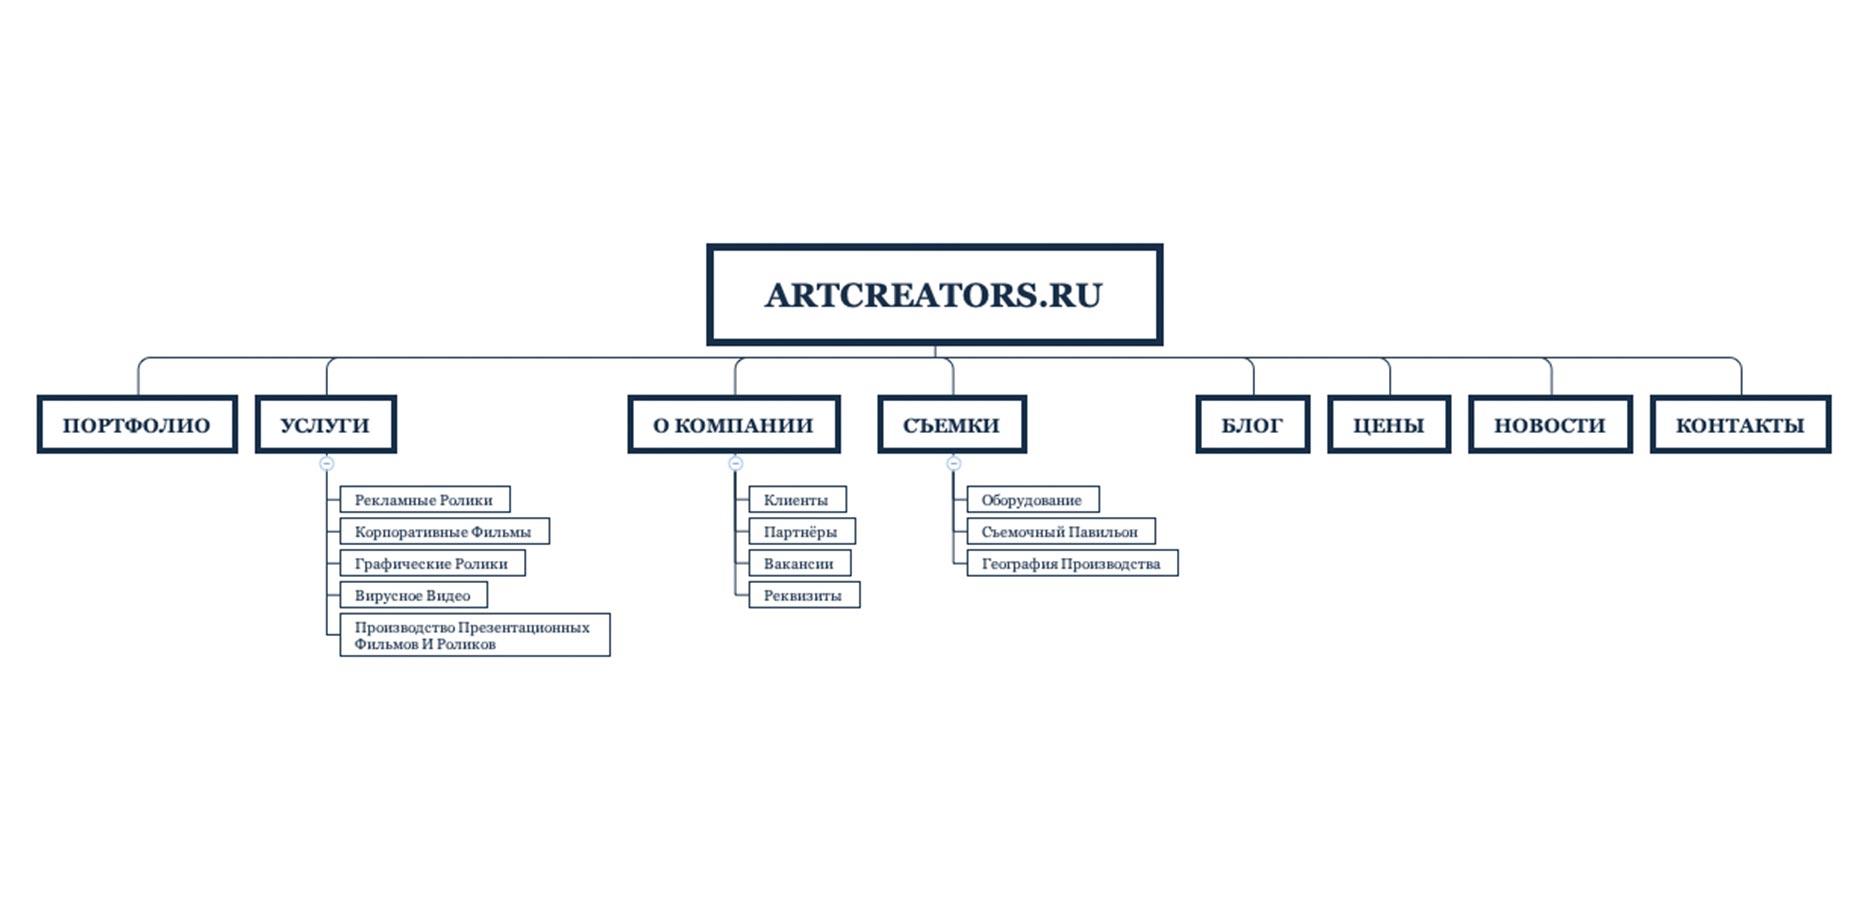 структура сайта по созданию роликов